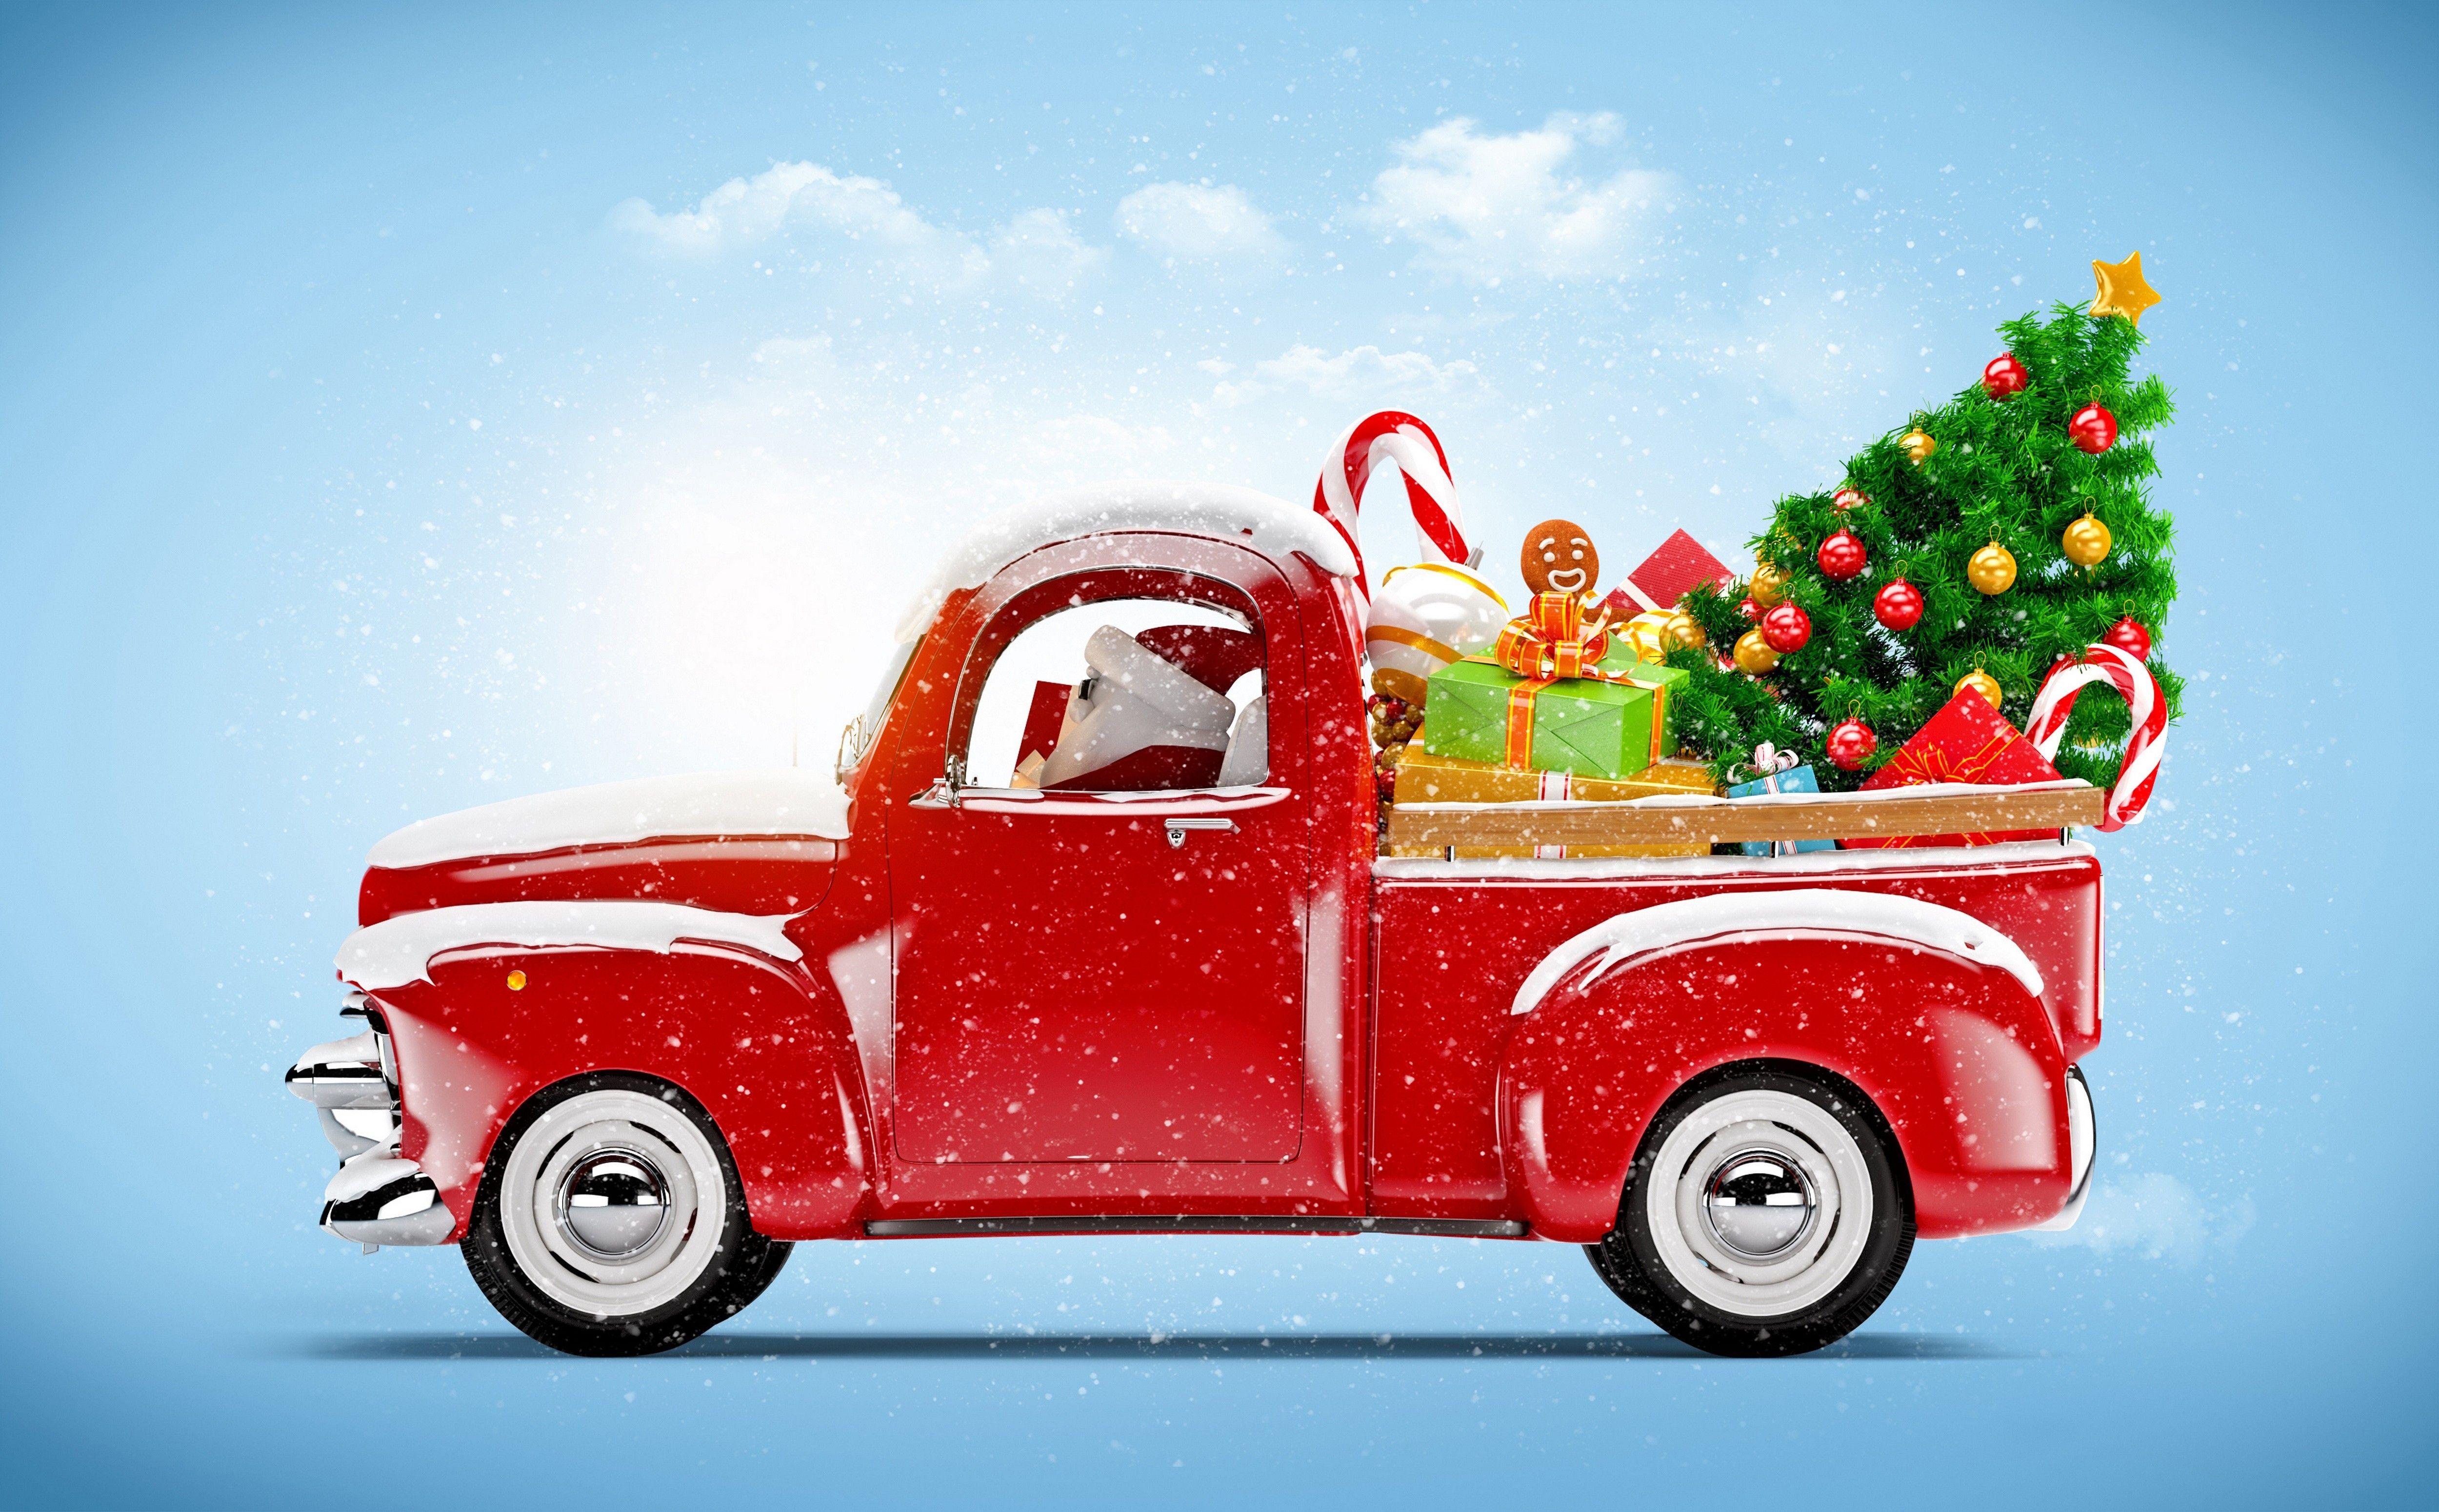 Перевозим новогоднею ель в машине